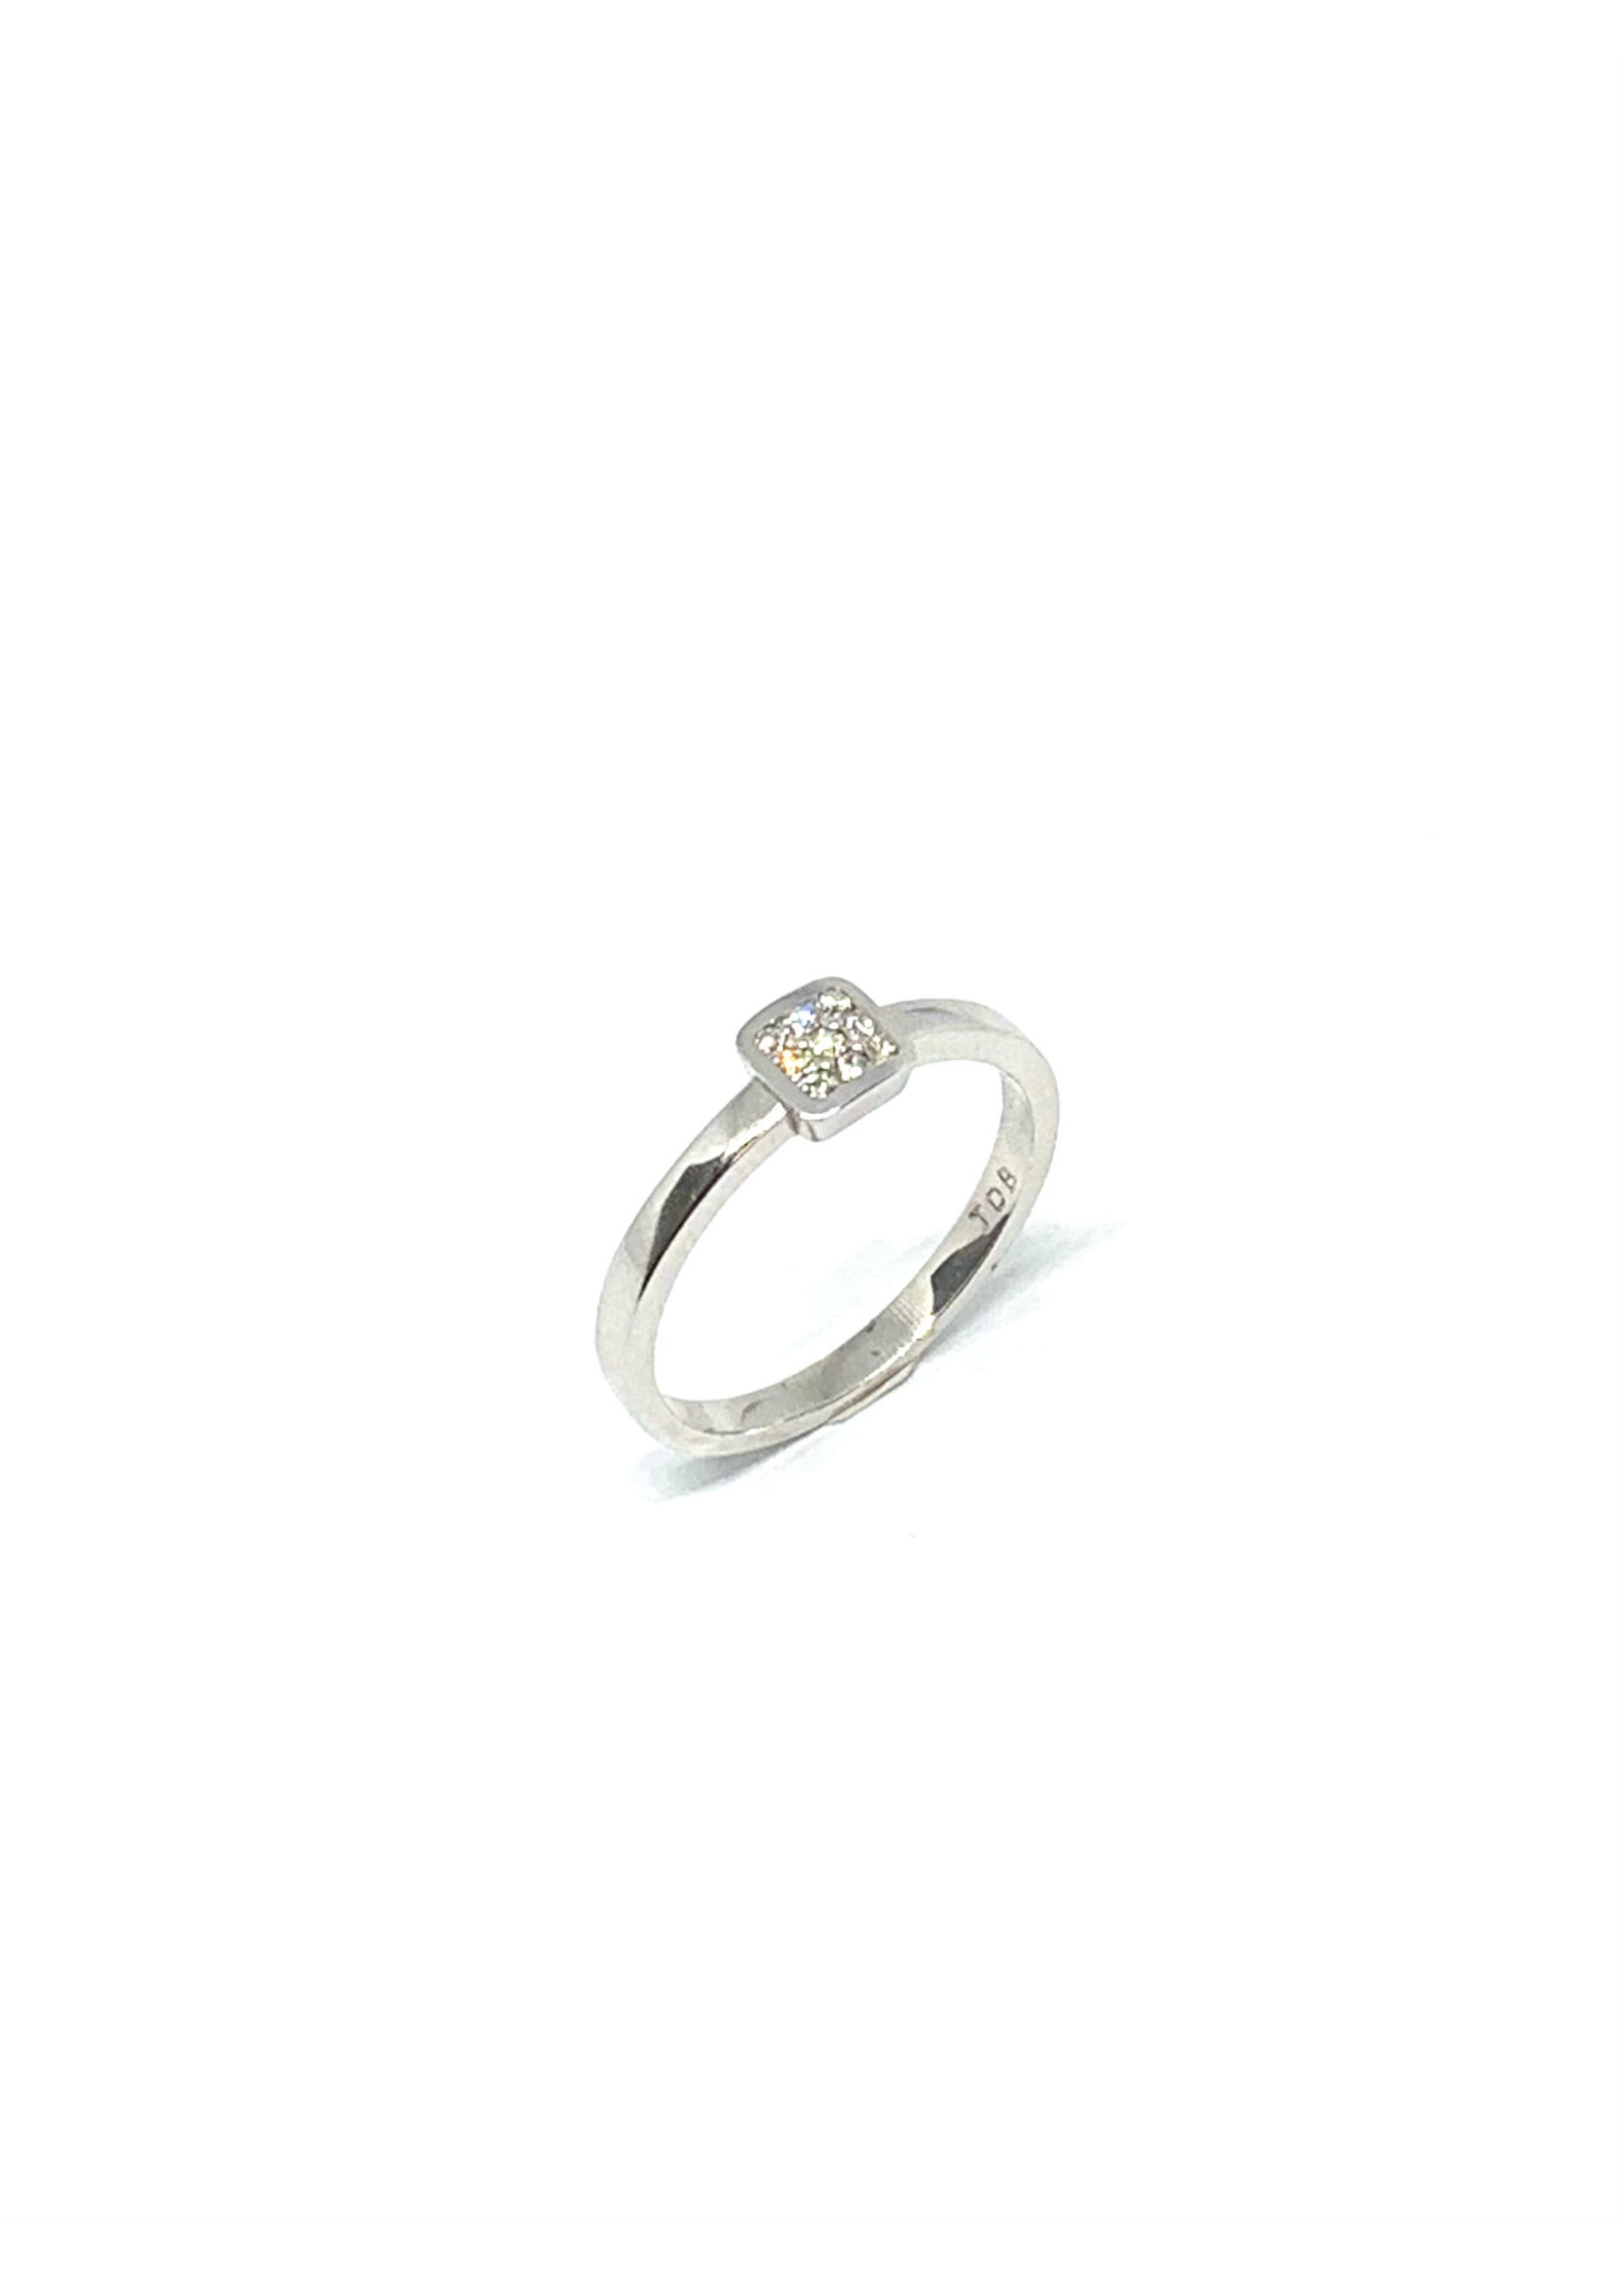 PARÉ Bague solitaire carré Or blanc 14K avec diamants